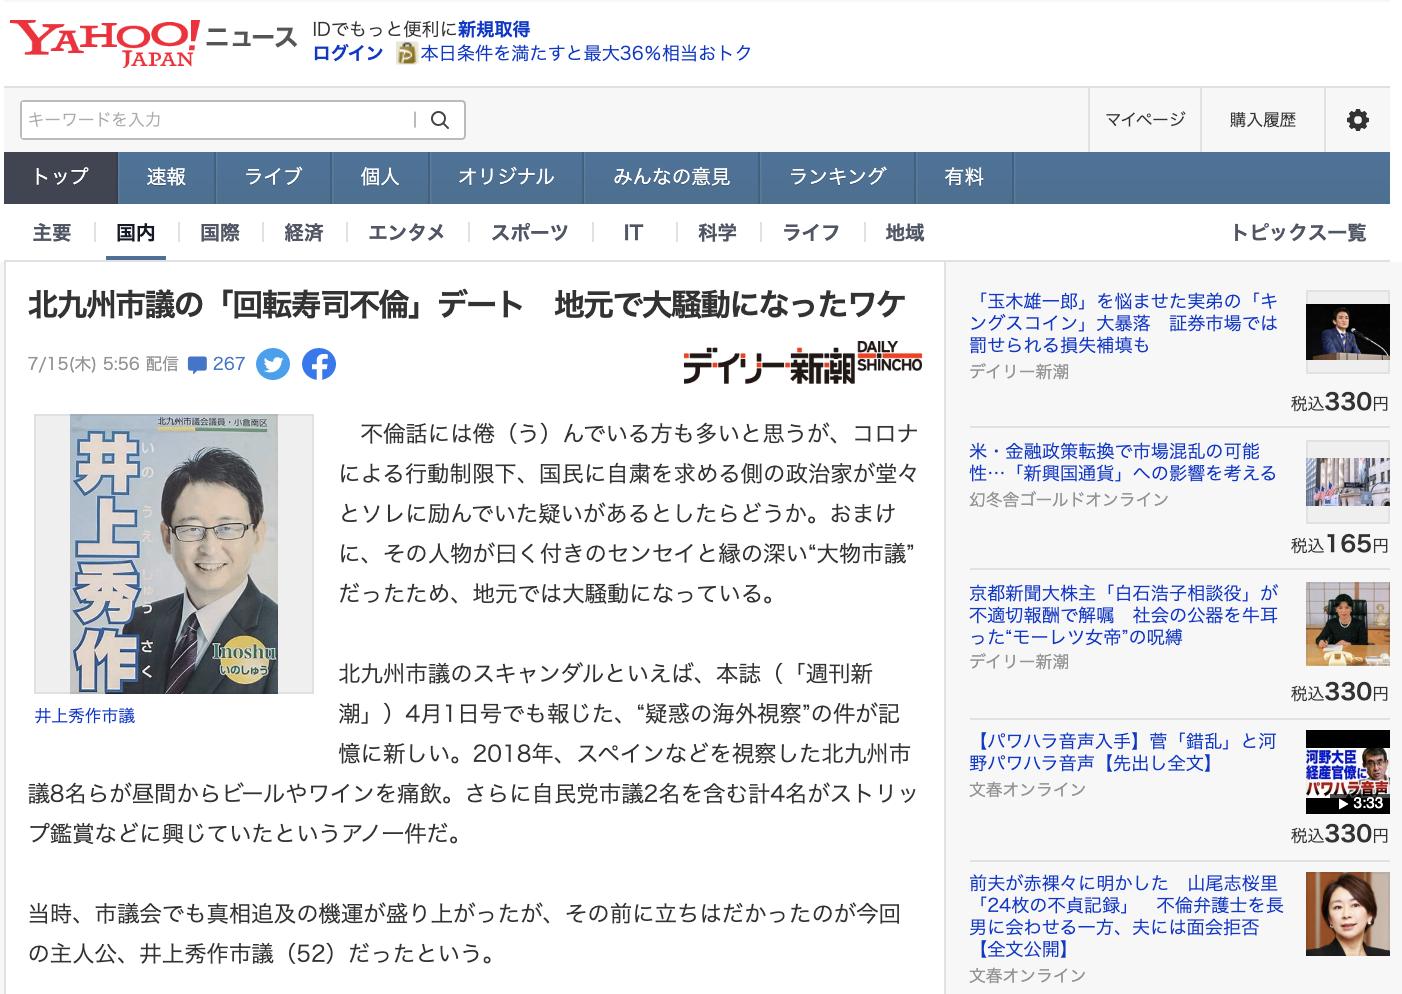 北九州市議の「回転寿司不倫」デート 地元で大騒動になったワケ